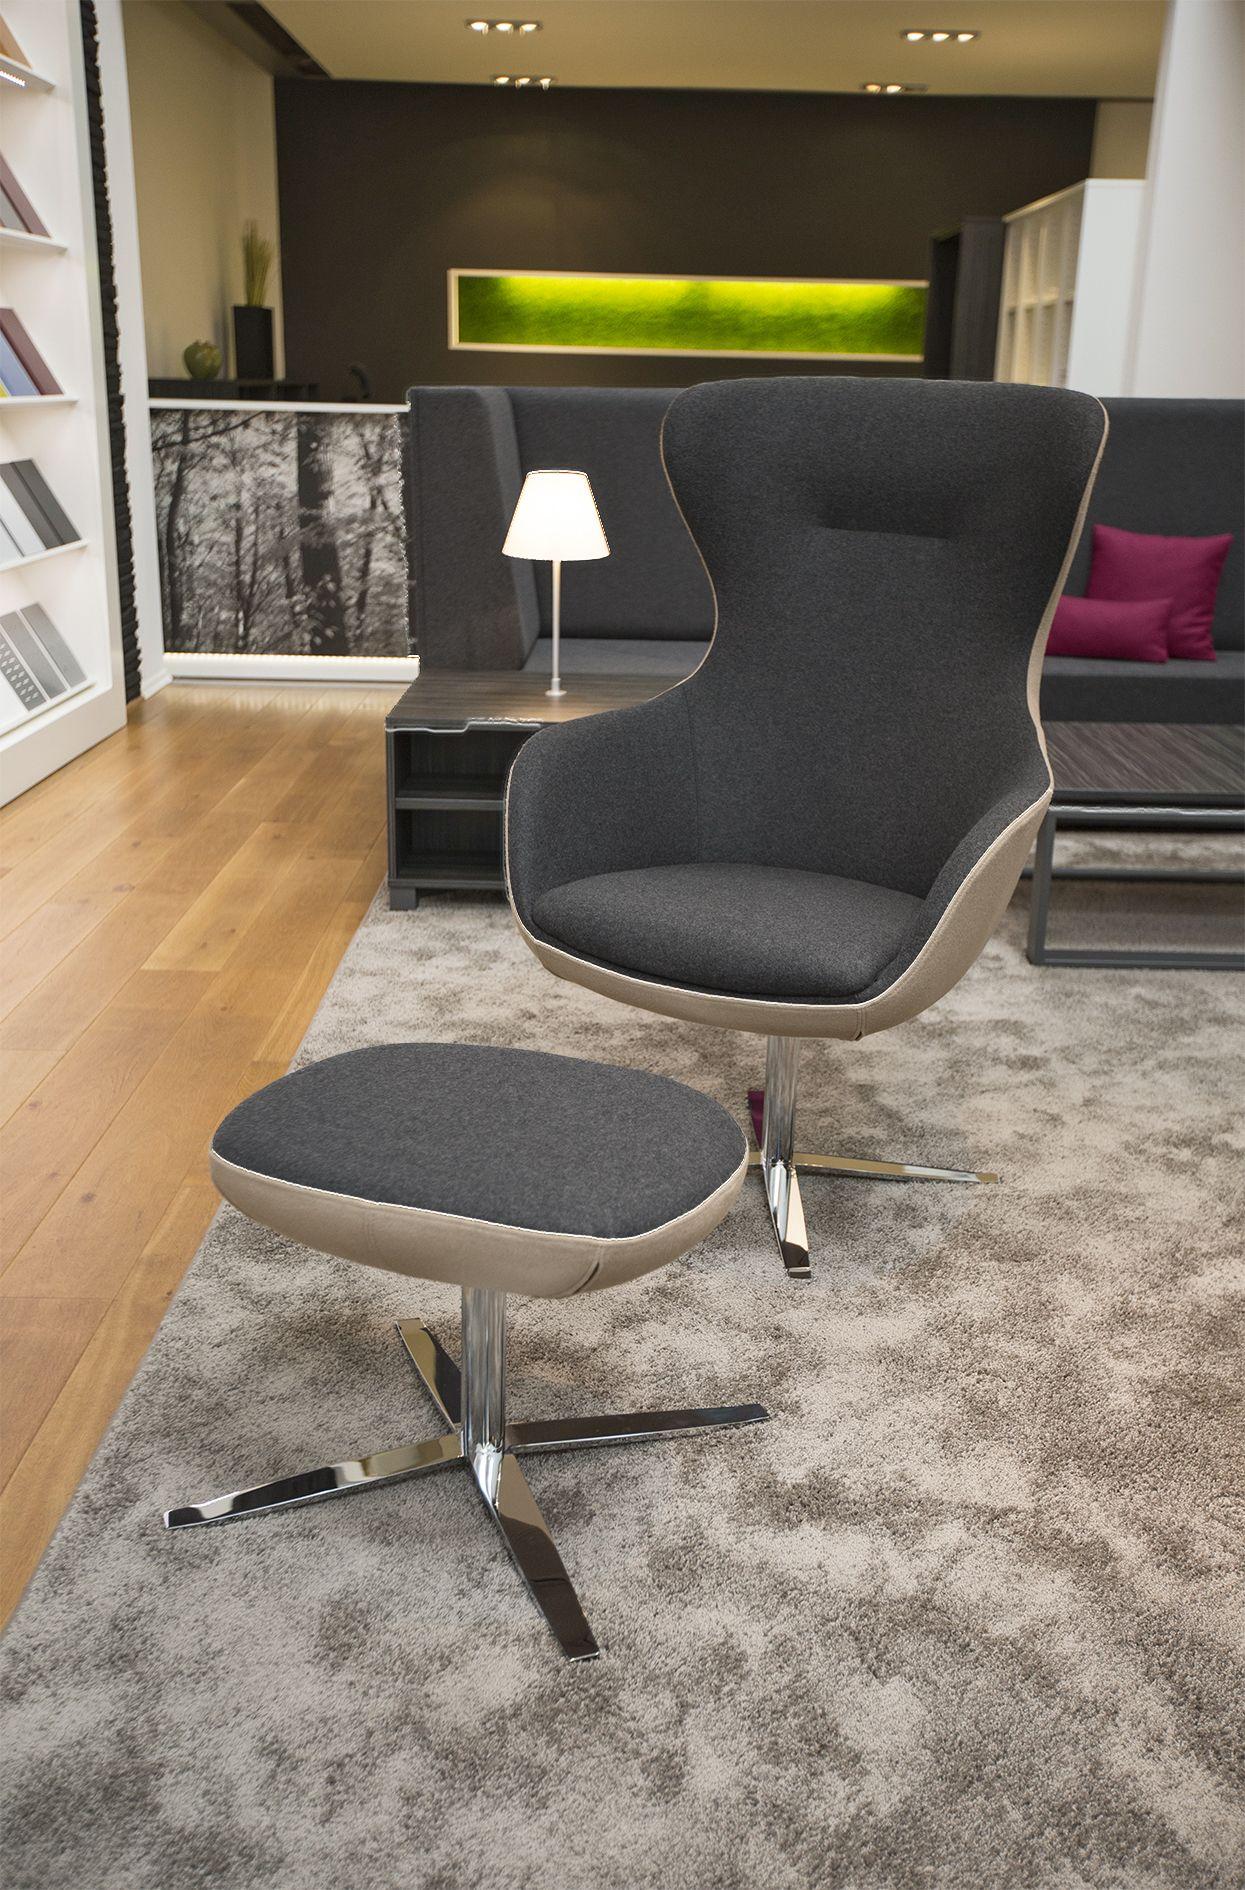 sessel cosy von febr der drehbare relaxsessel cosy bietet wohnliches ambiente im b ro mit. Black Bedroom Furniture Sets. Home Design Ideas